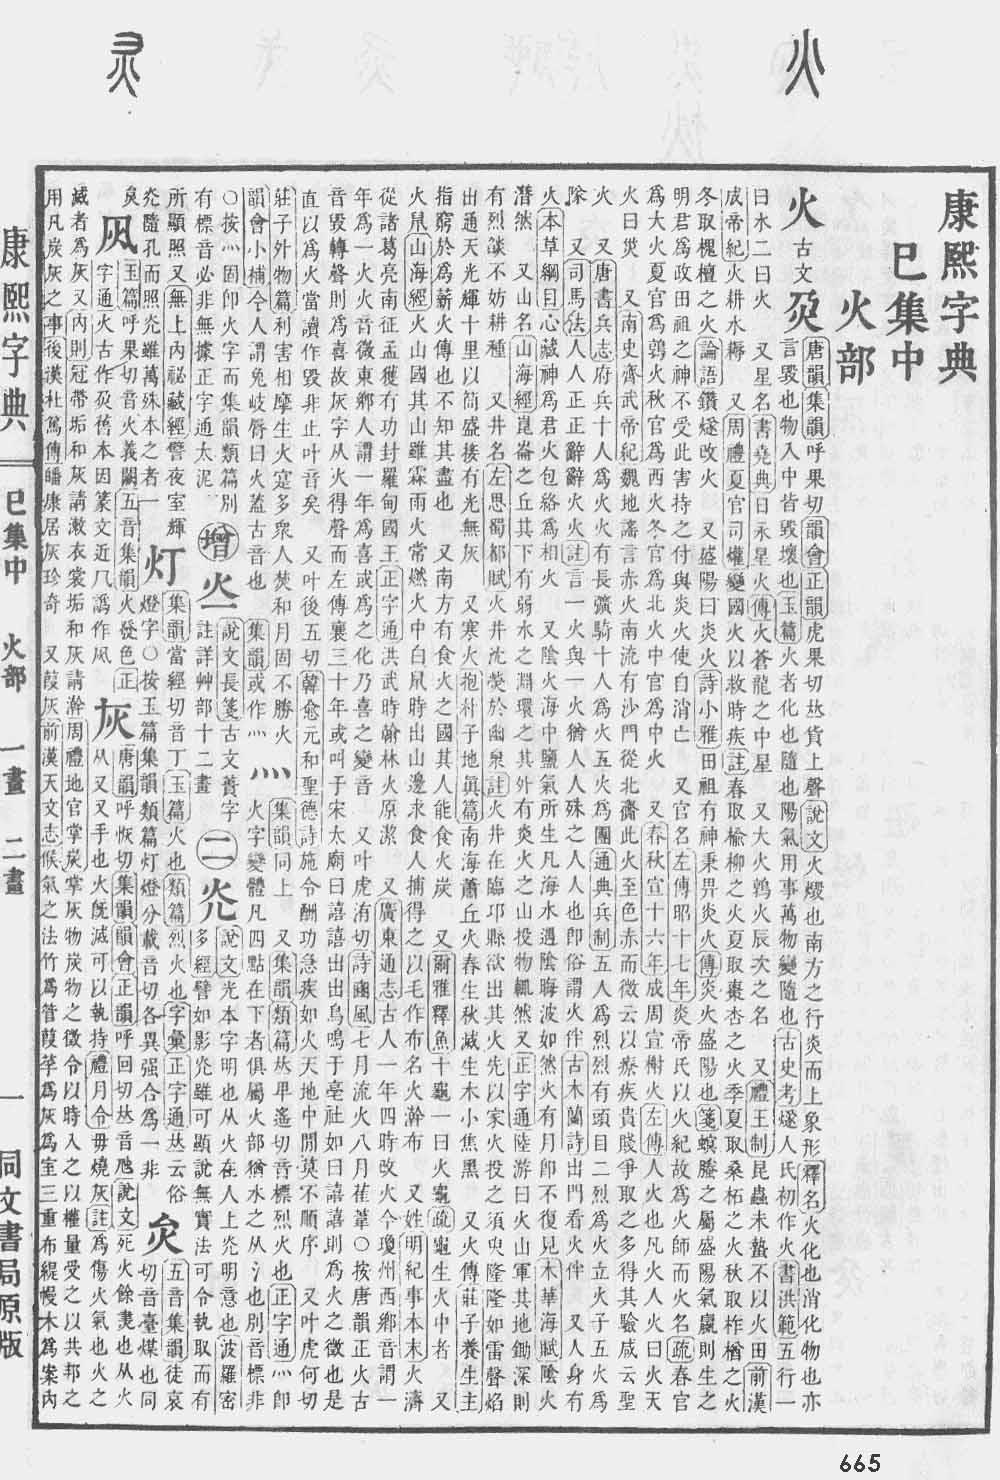 《康熙字典》第665页